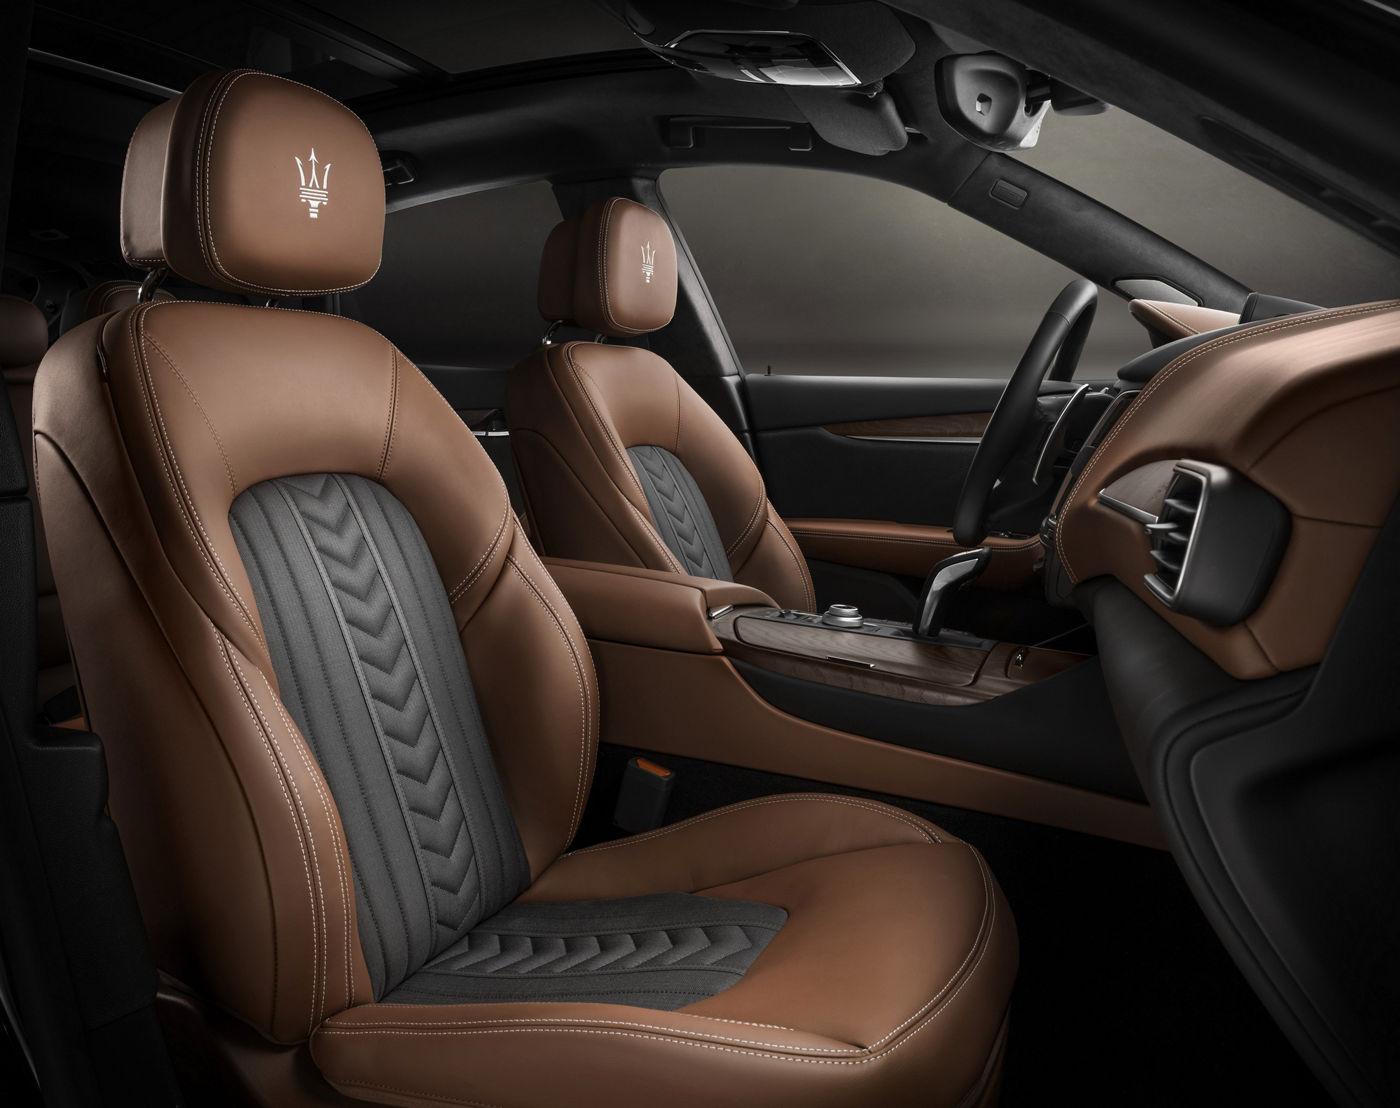 Maserati Innenausstattung - Vordersitze von Ermenegildo Zegna